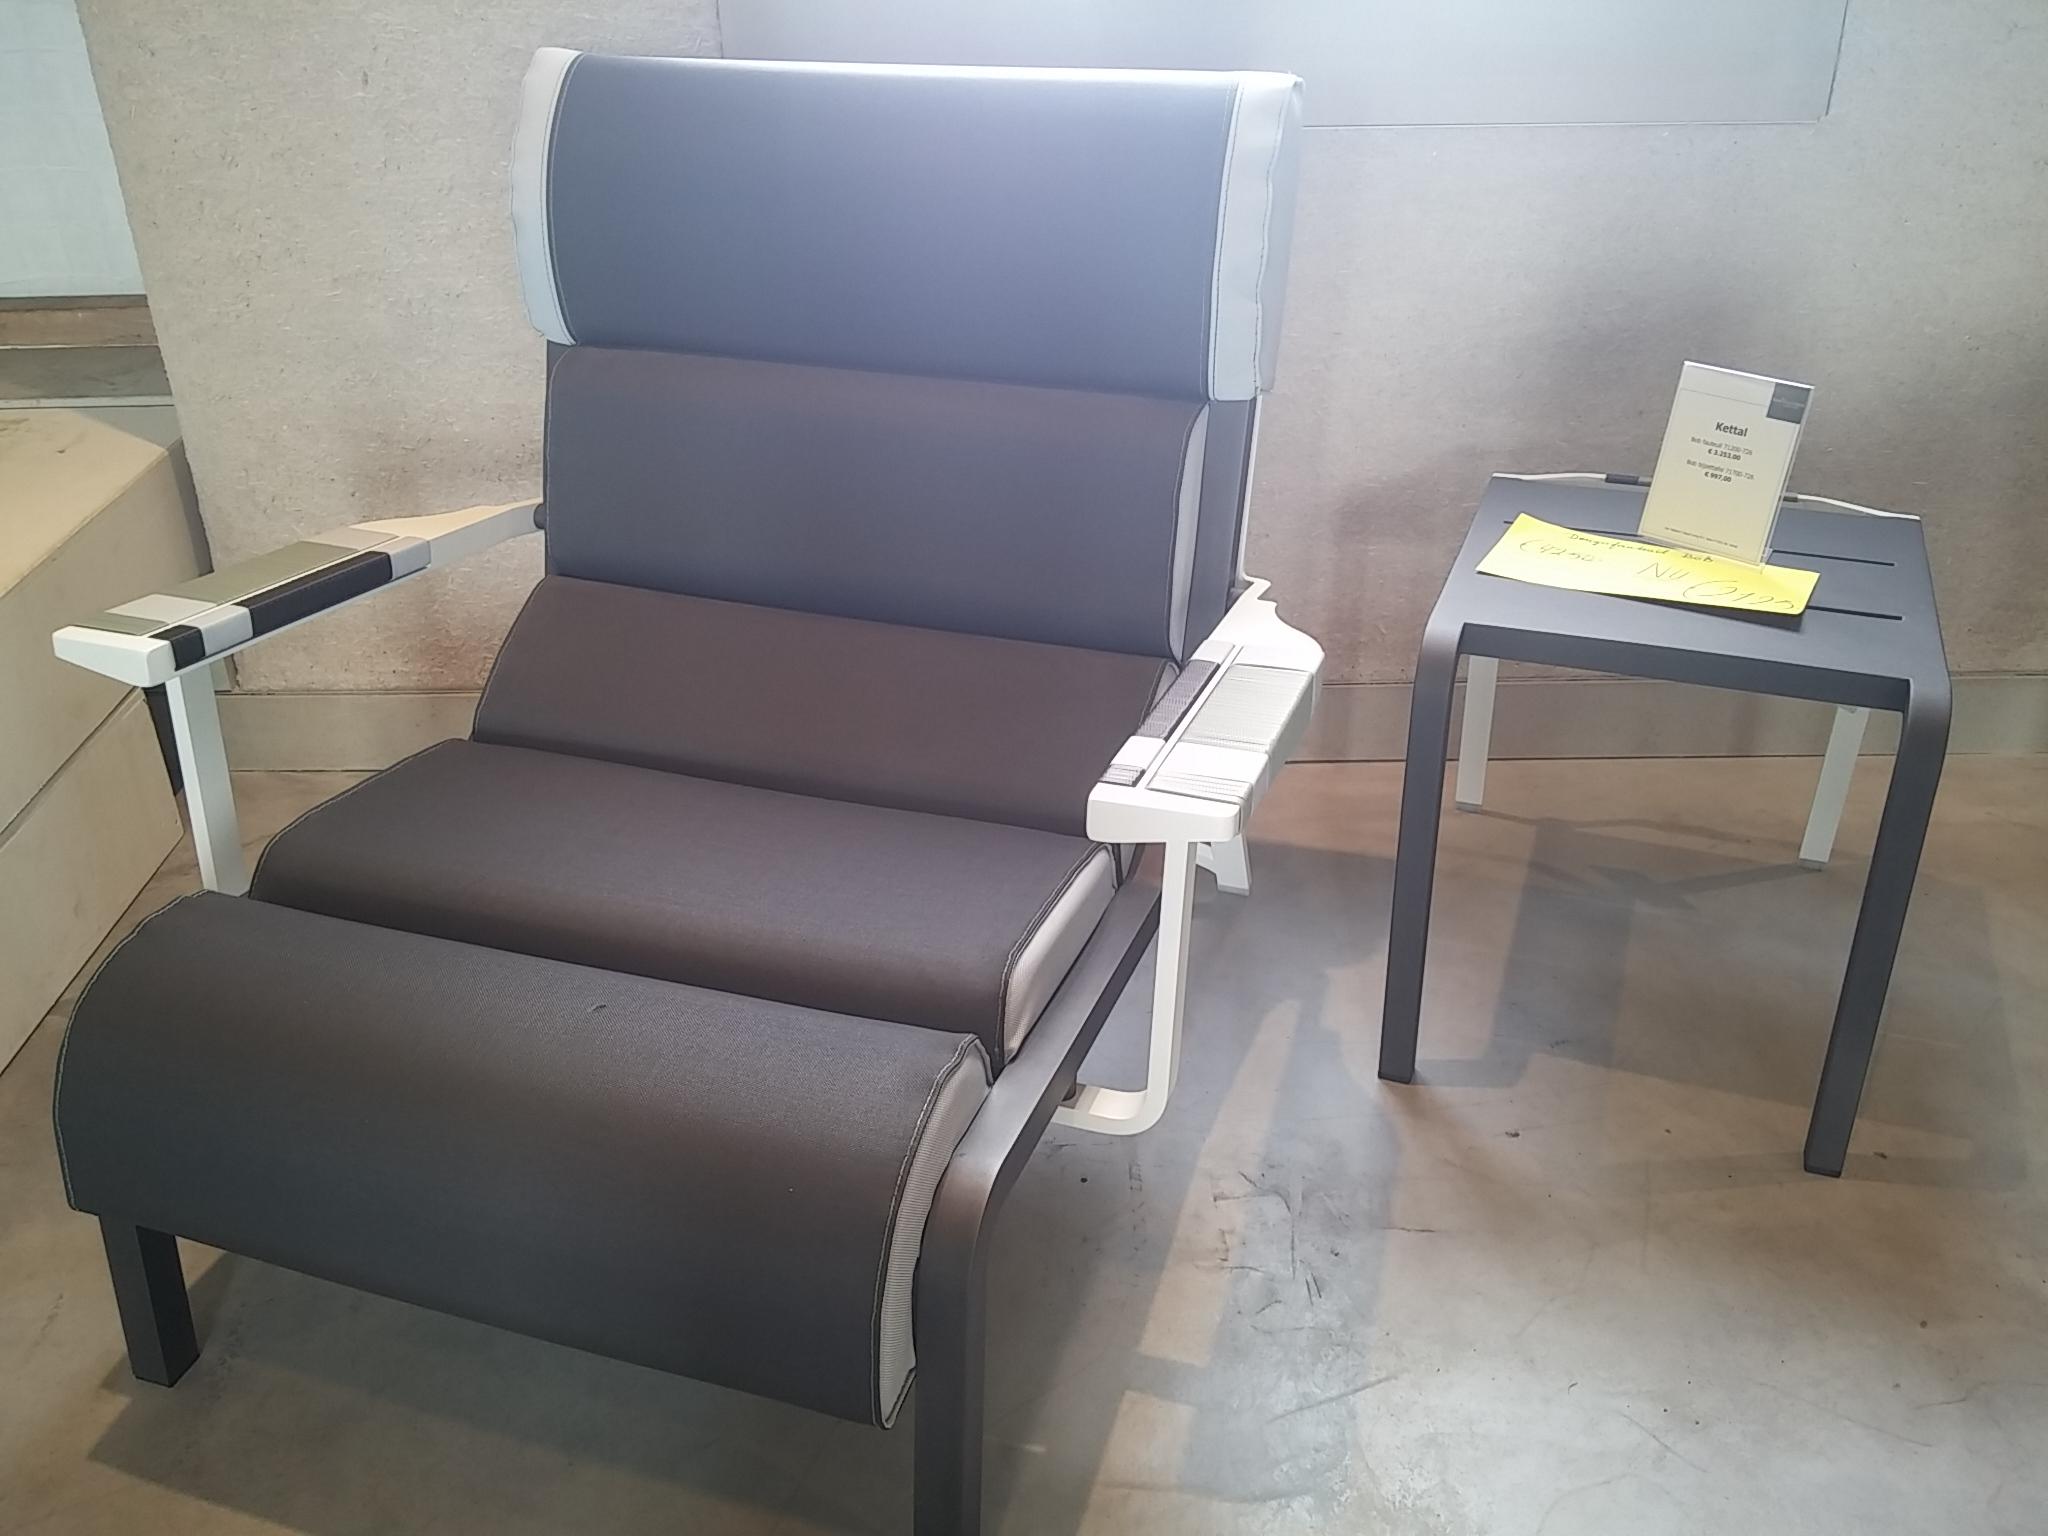 Kettal bob fauteuil ✓ van valderen exclusieve tuinmeubelen ✓ nl be